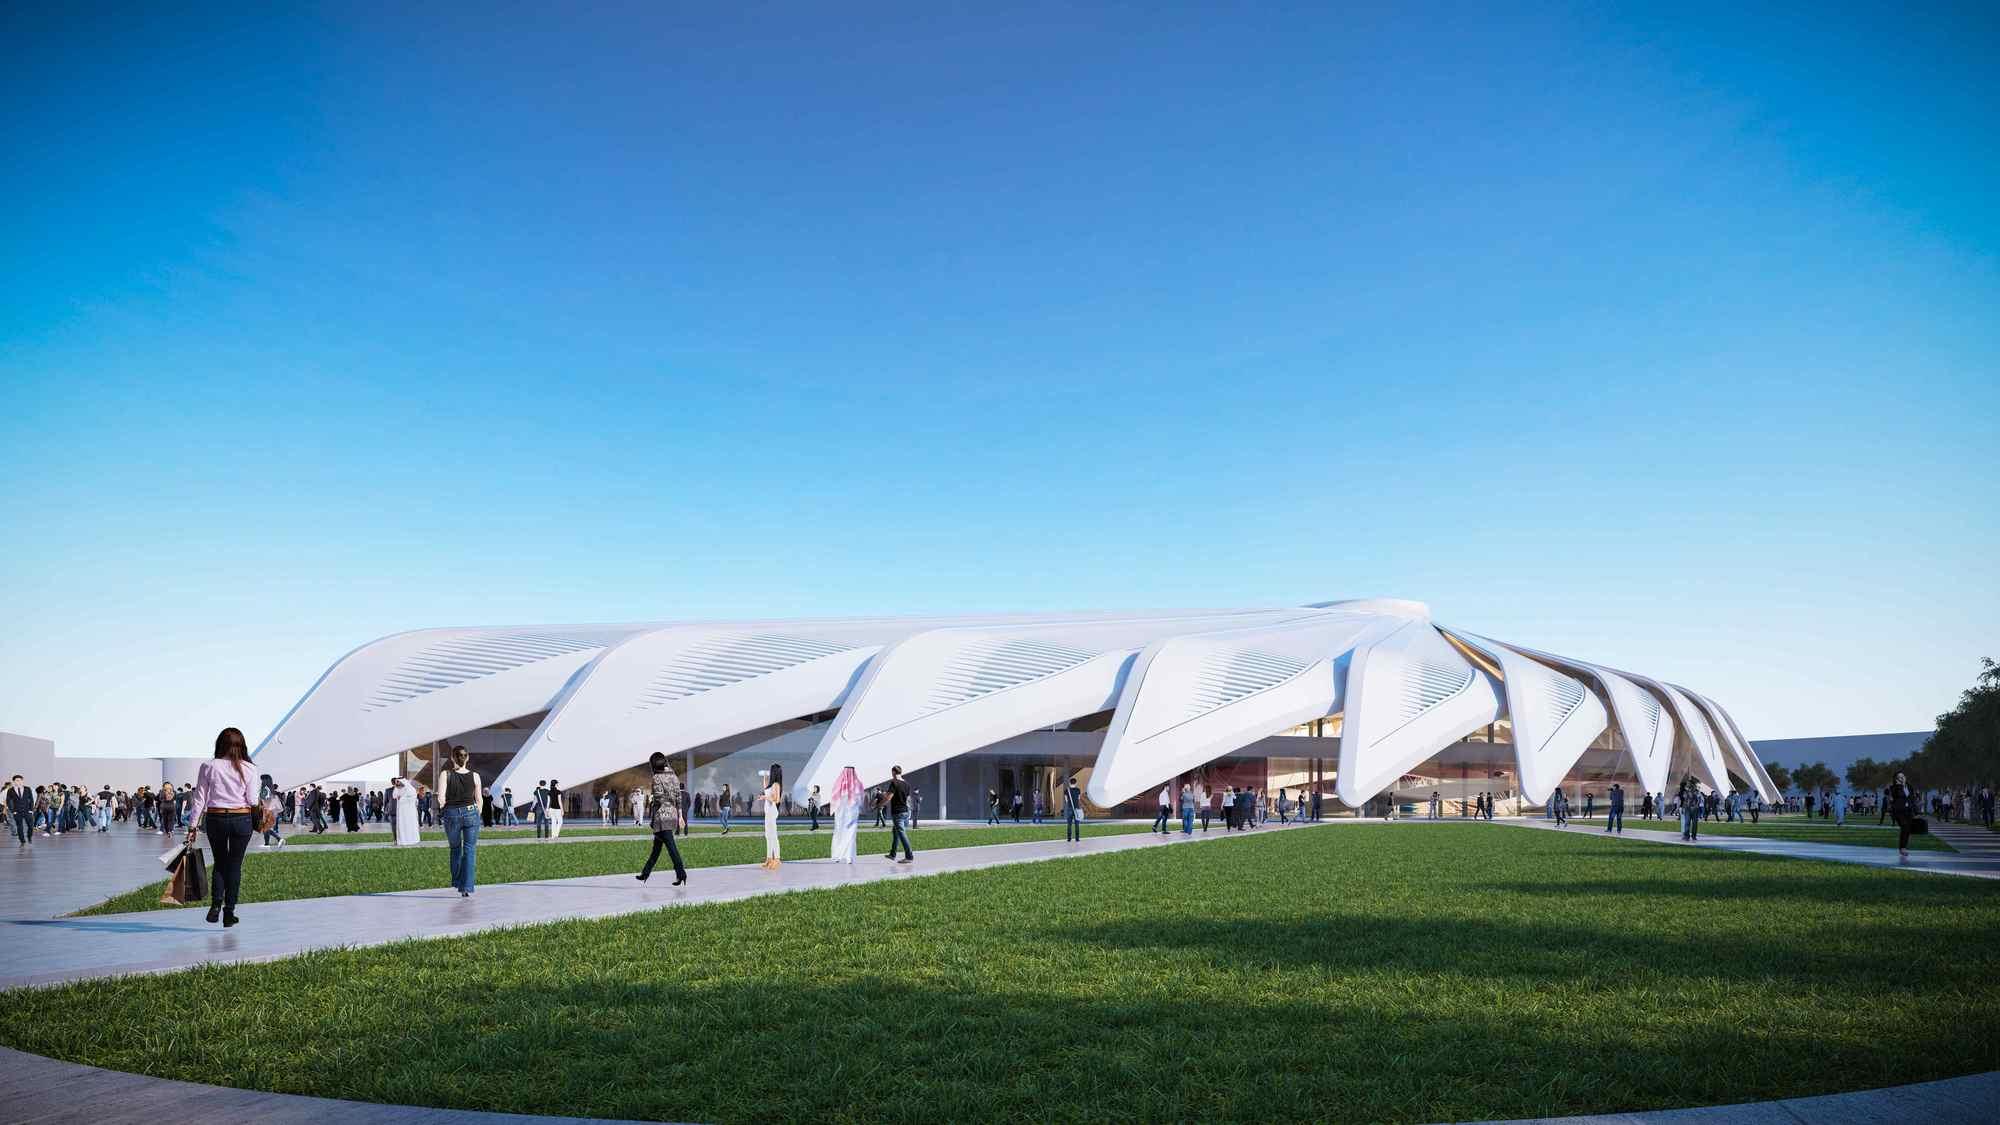 santiago calatrava disea el pabelln de los emiratos rabes unidos para la expo dubai